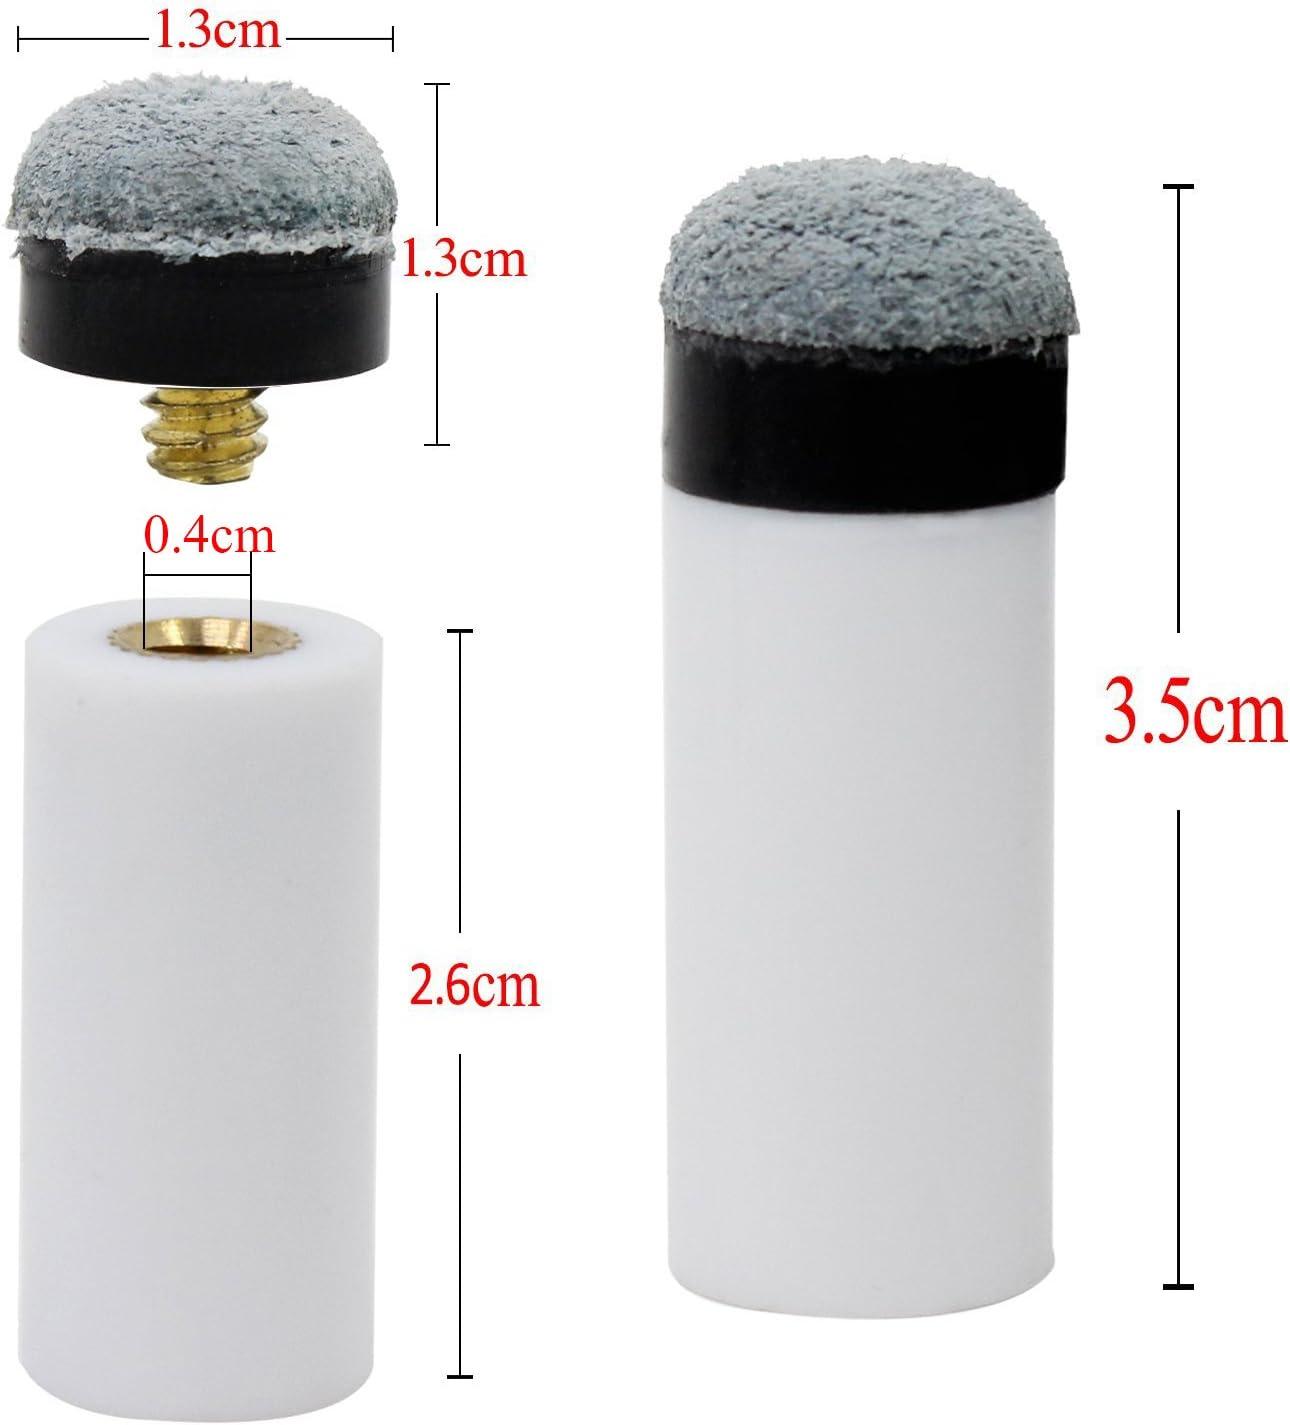 Keesin 3/mm Coperchio grigio Cue Billiard punte di ricambio a vite con puntali stecca Pool 10/confezione